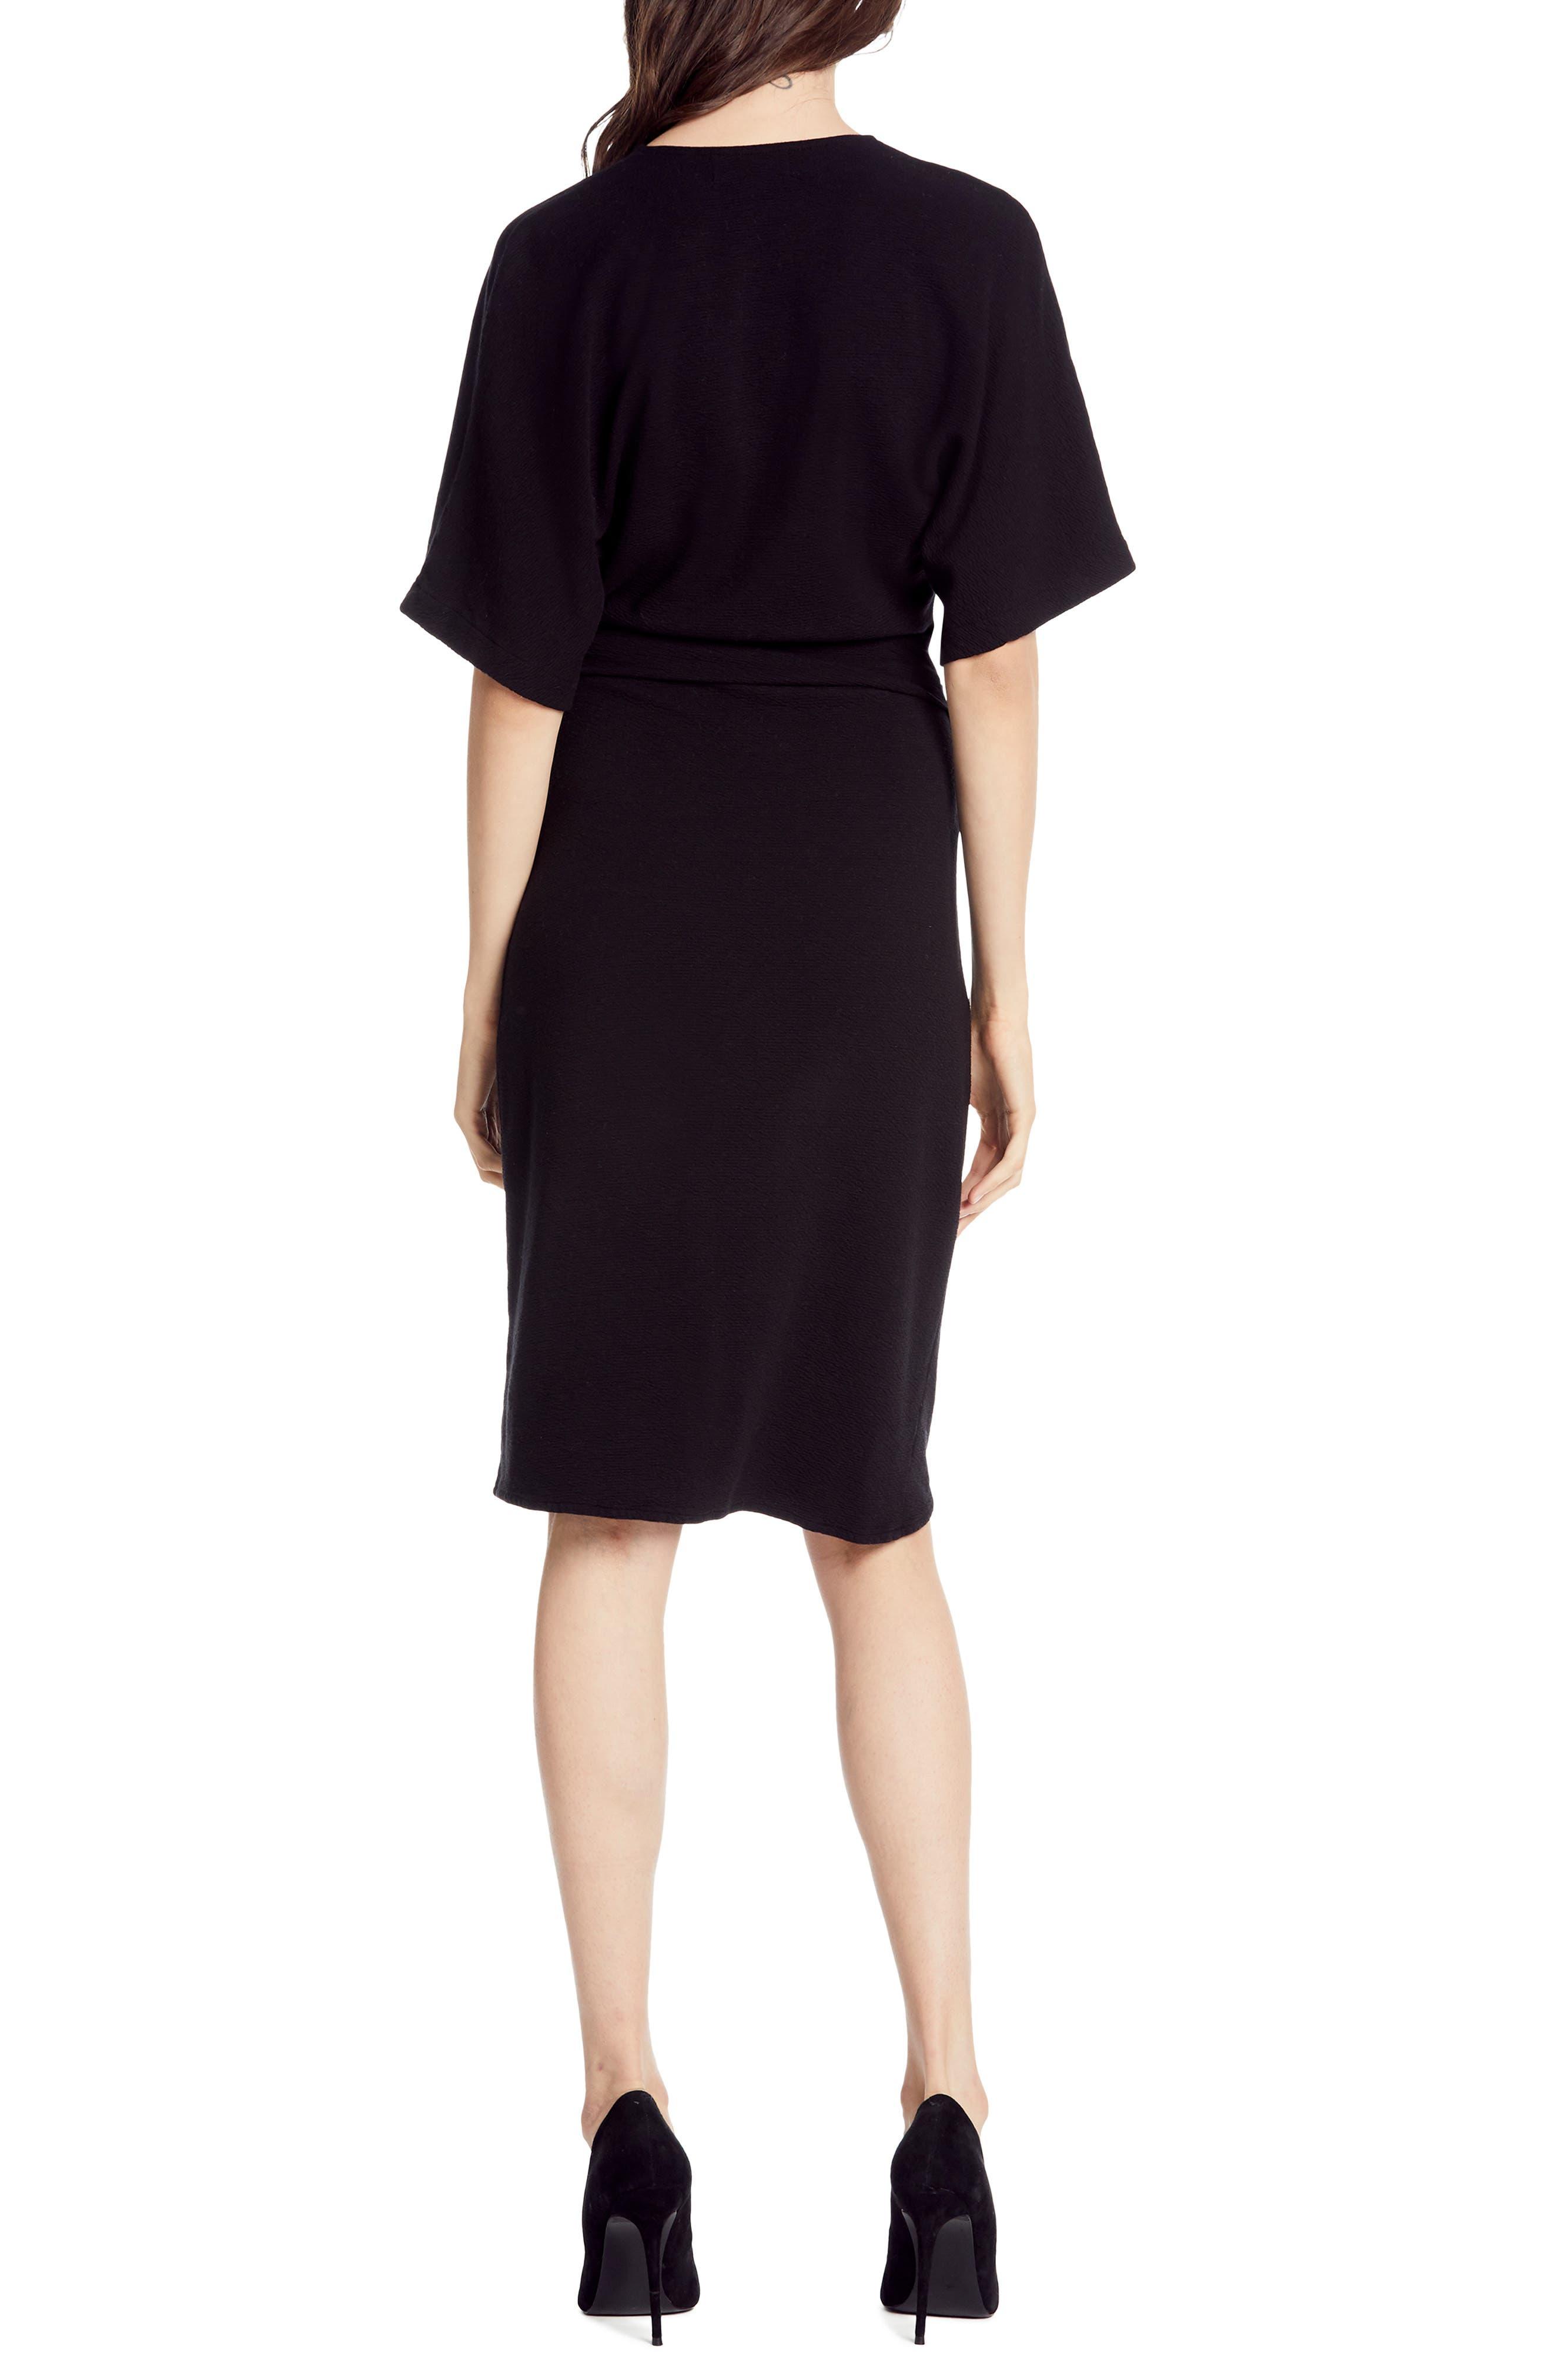 MICHAEL STARS,                             Pebble Knit Pleat Wrap Dress,                             Alternate thumbnail 2, color,                             BLACK